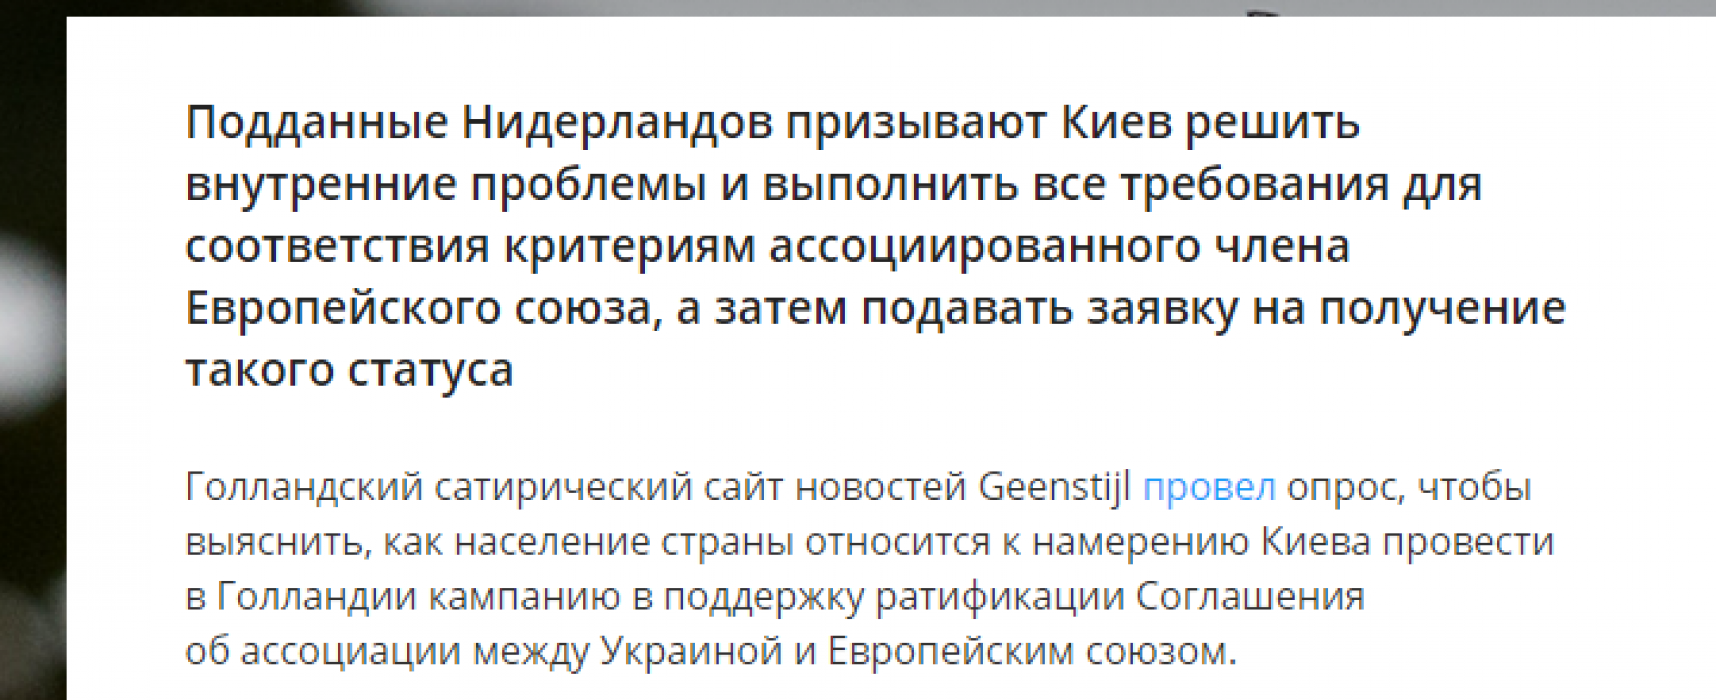 """Холандски блог нарича Украйна """"Олигархстан"""" и призовава за бойкот на референдума"""